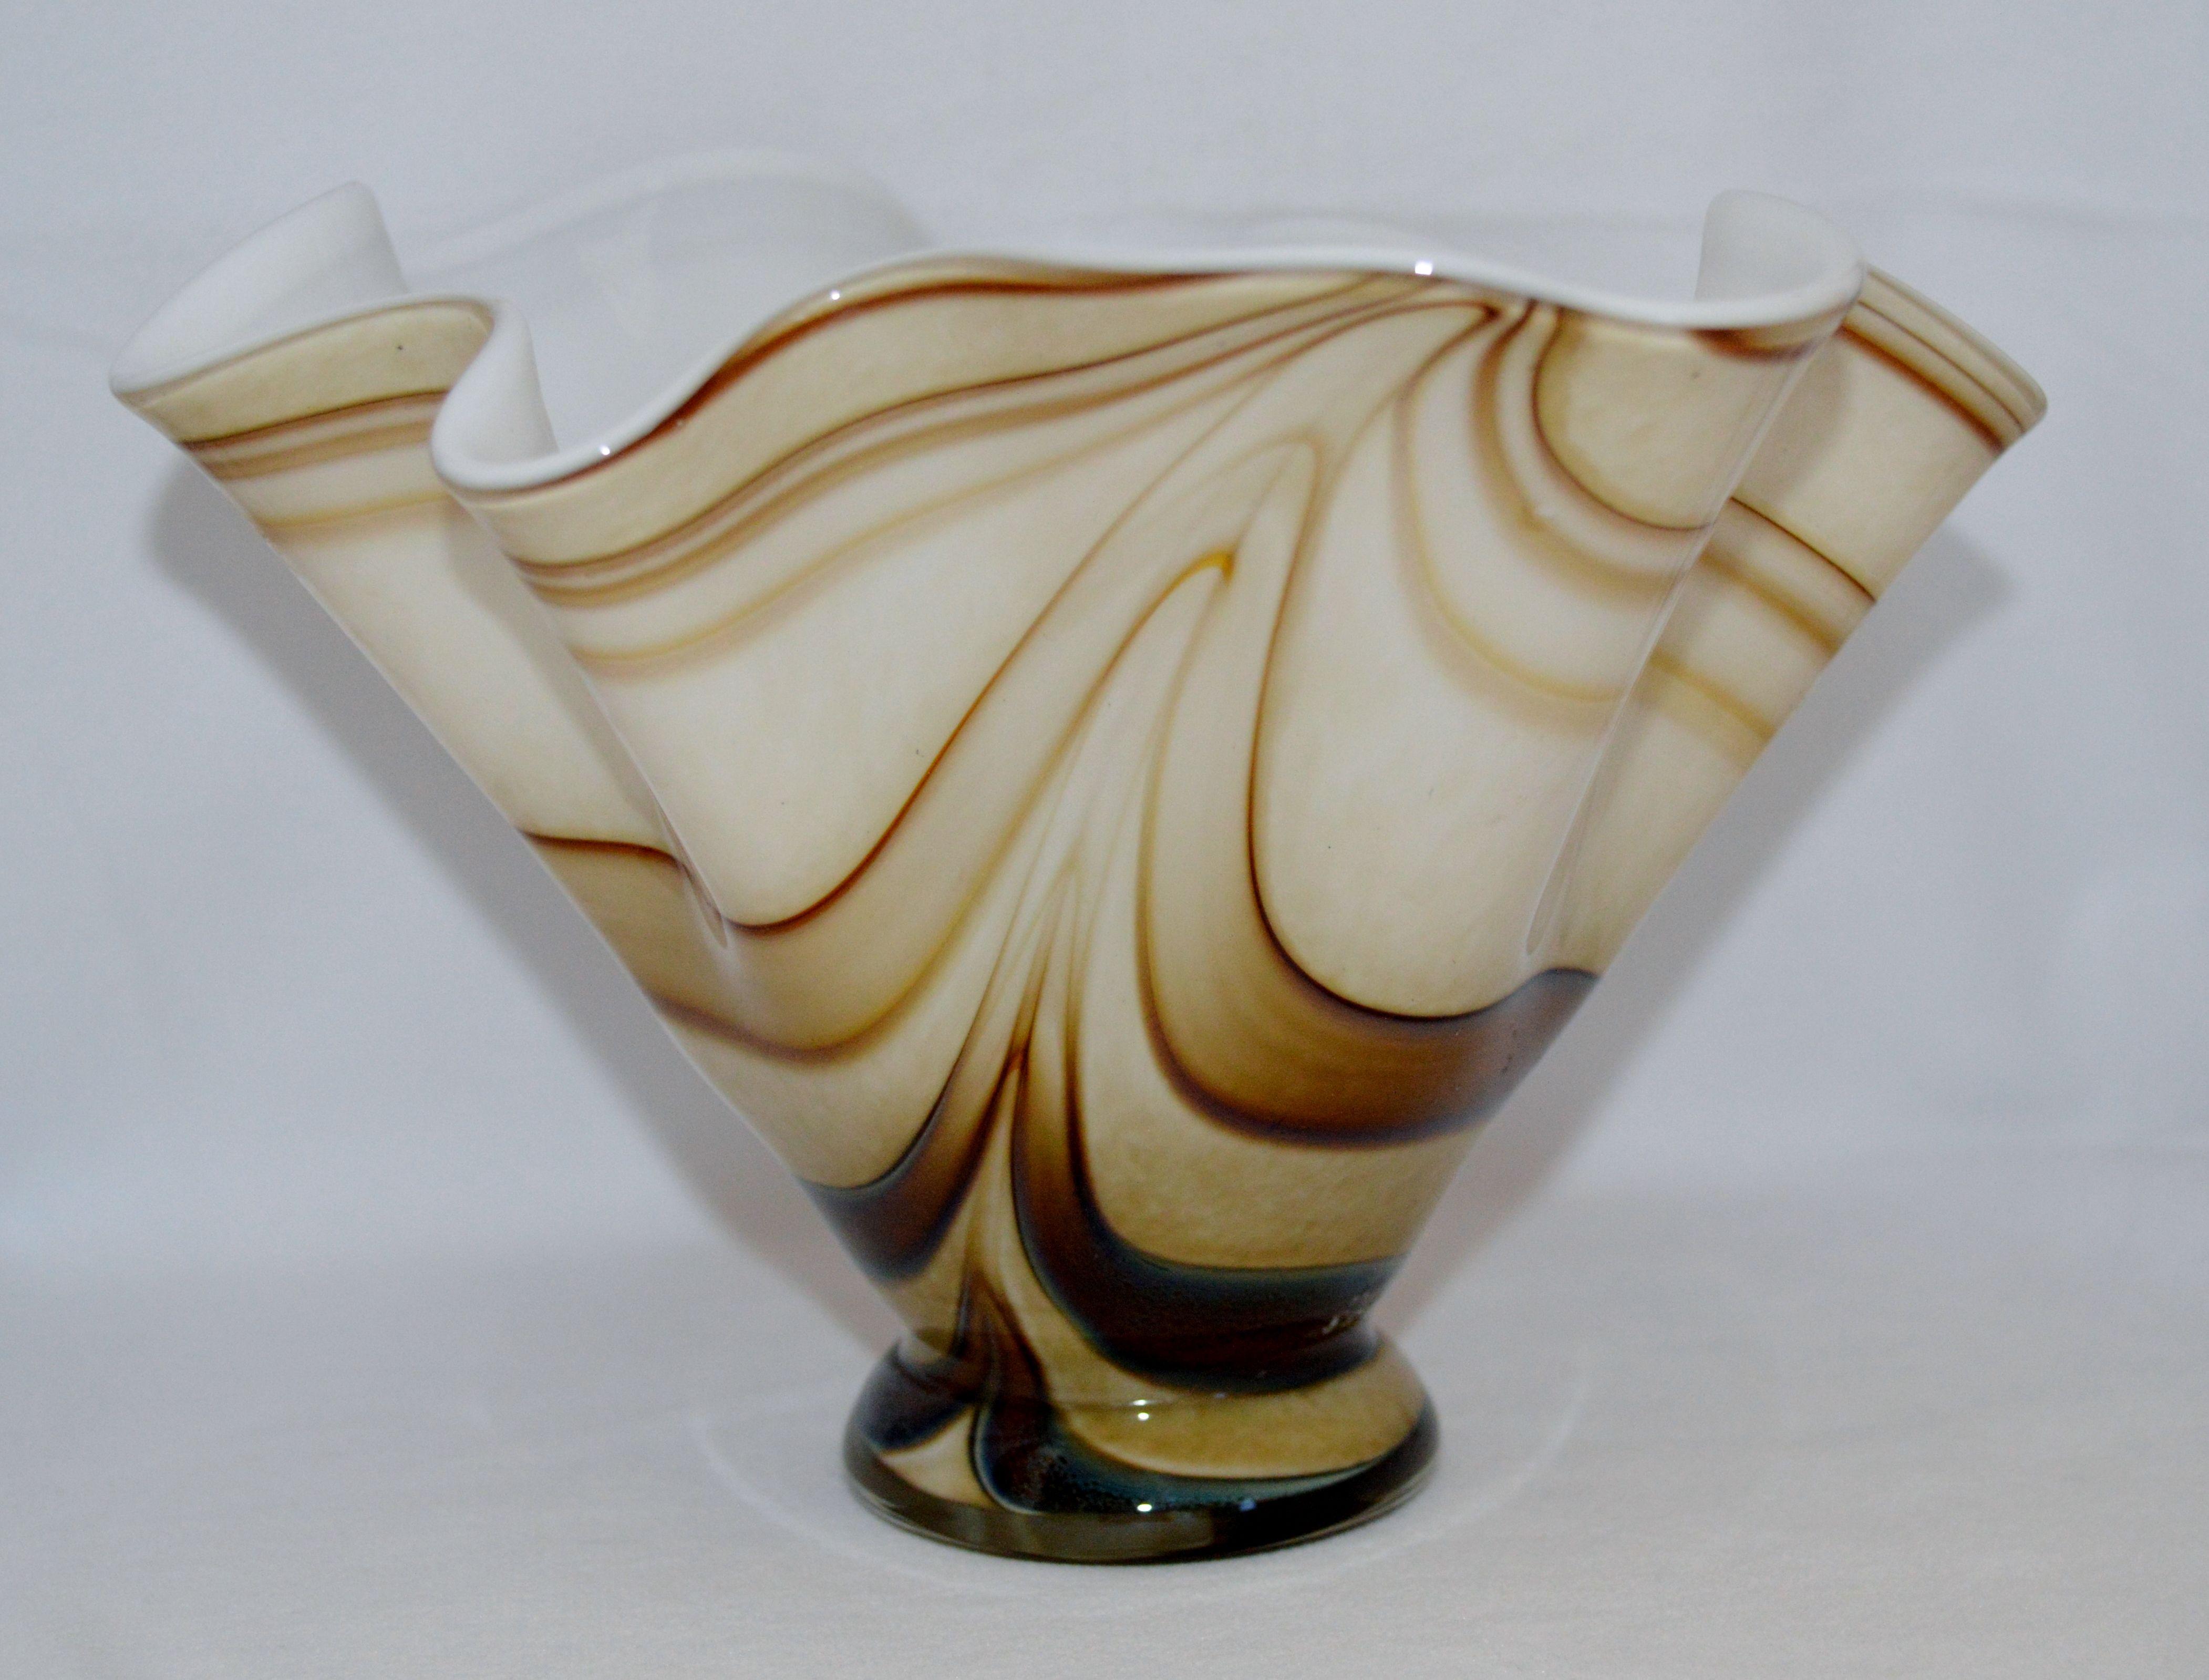 Krosno polish makora glass vase hand blown artisan by jozefino krosno polish makora glass vase hand blown artisan by jozefino reviewsmspy